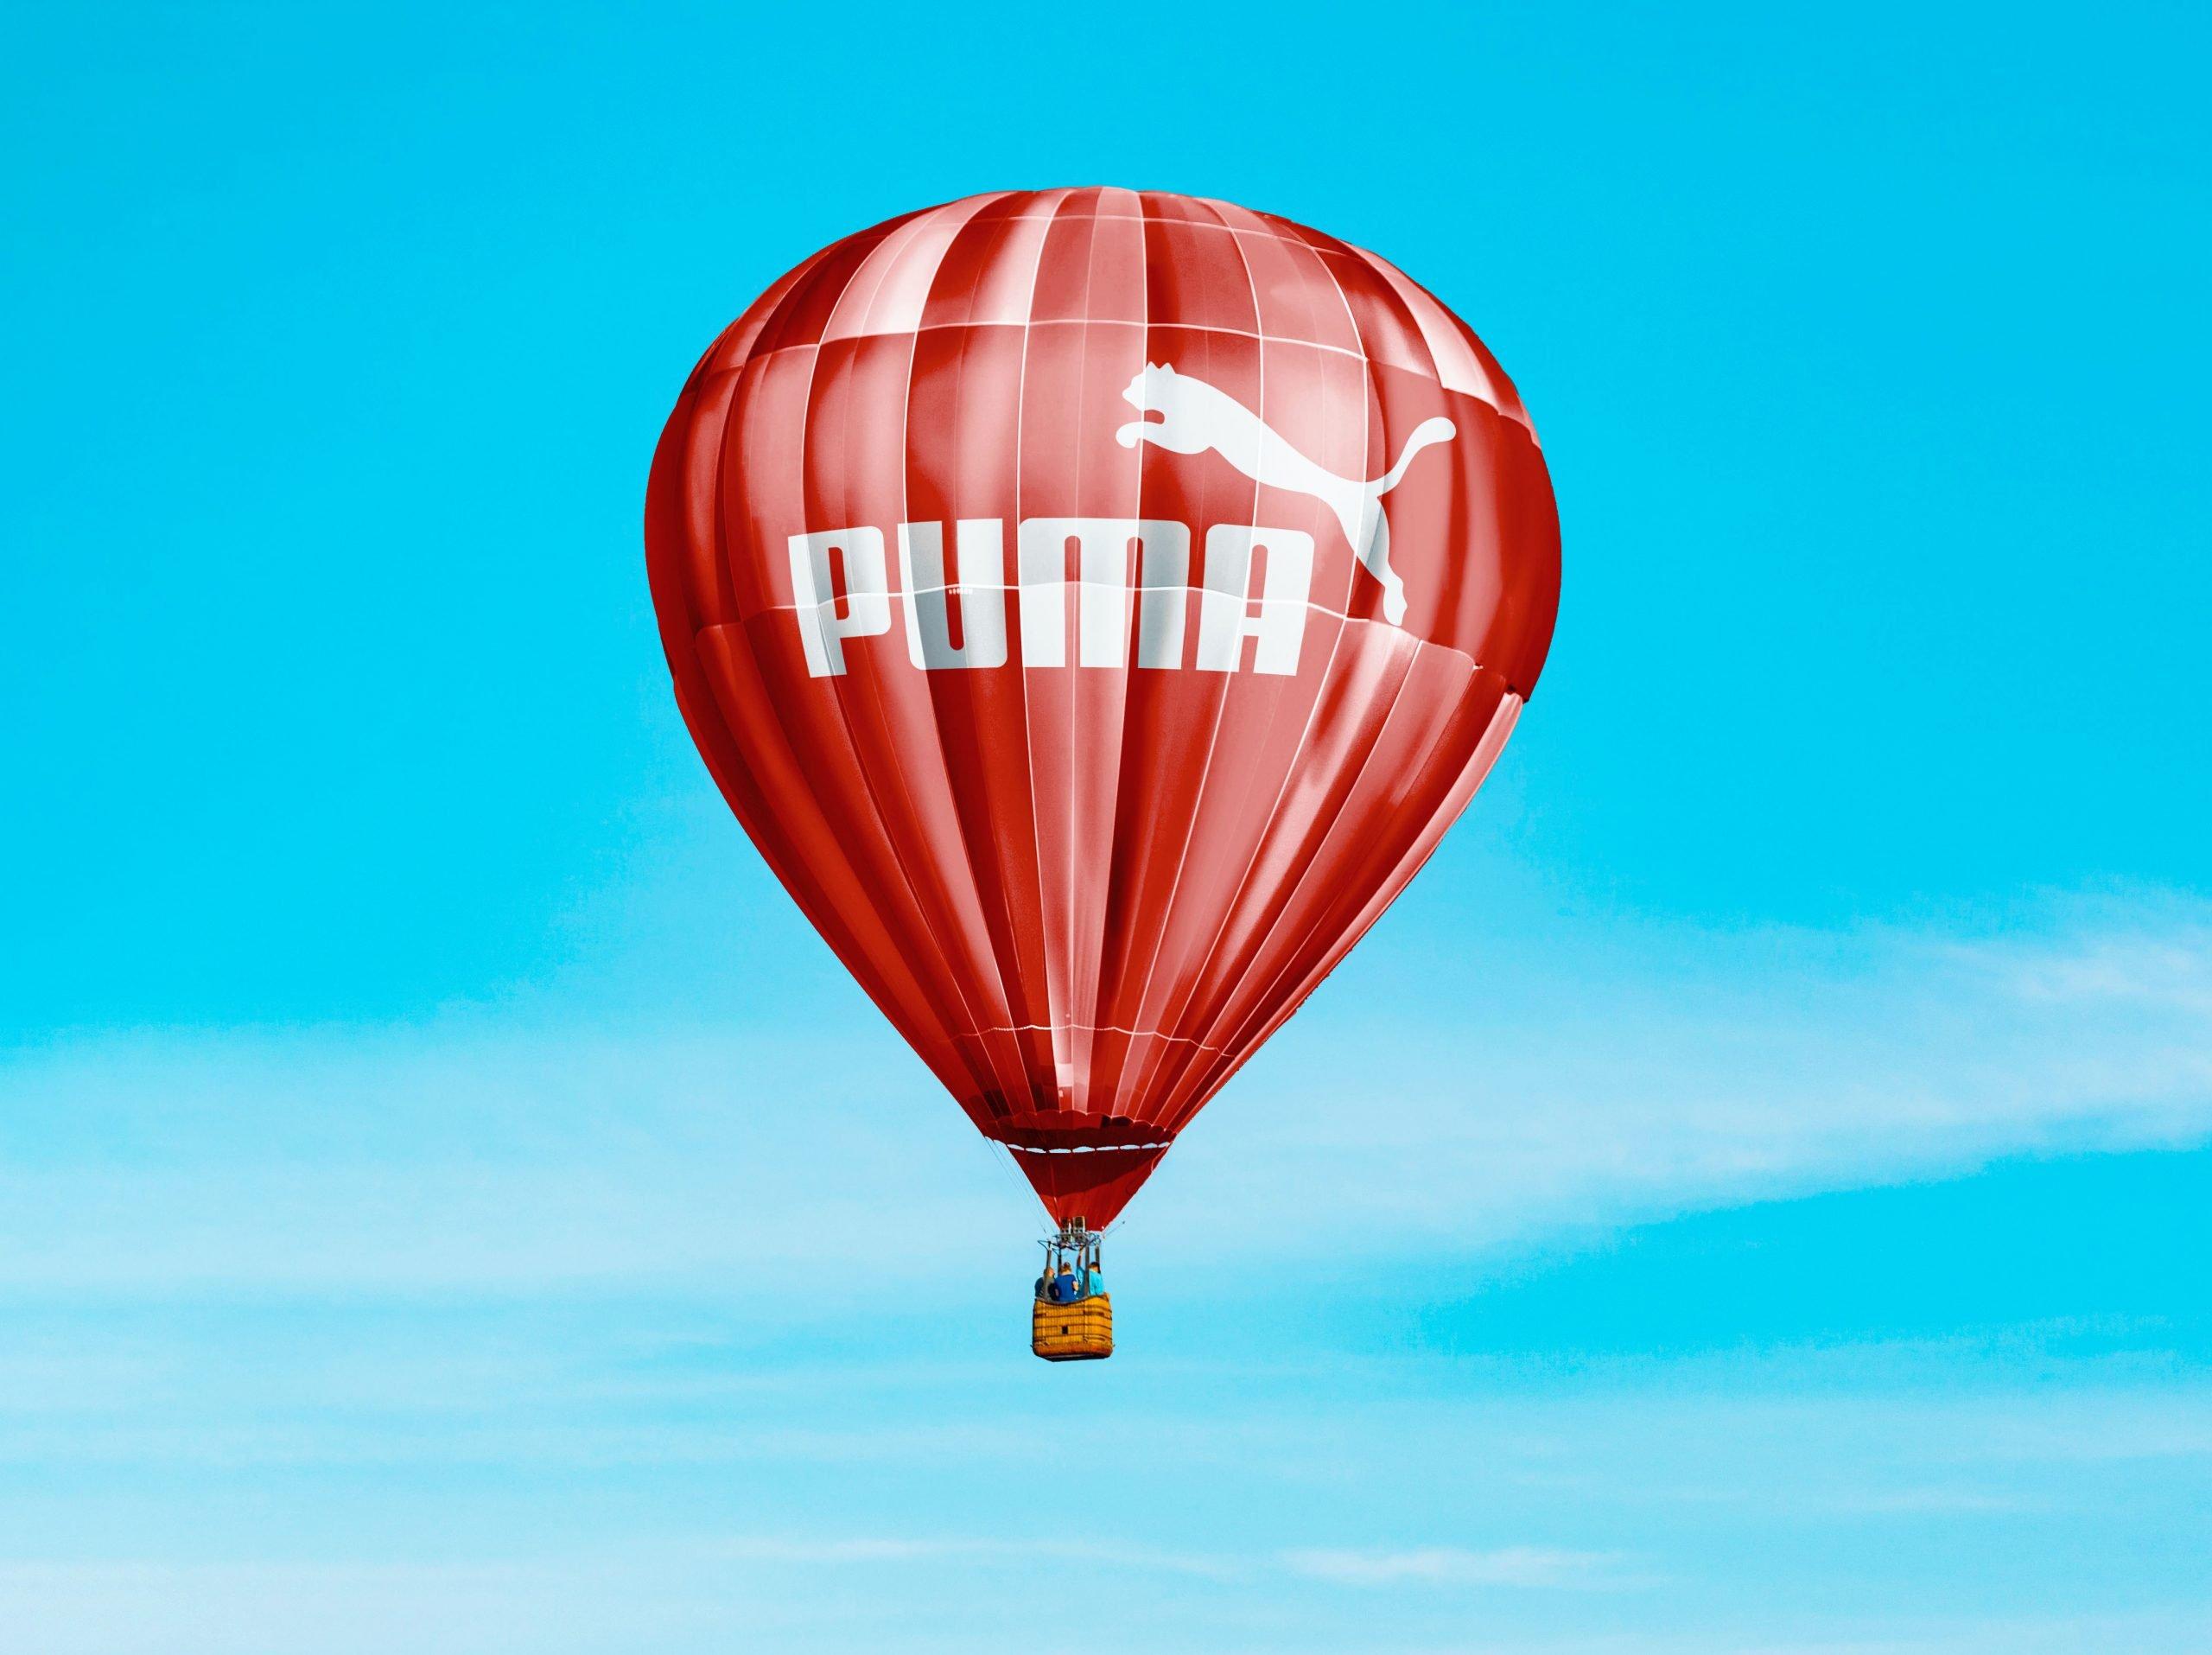 Hot Air Baloon Mockup Puma